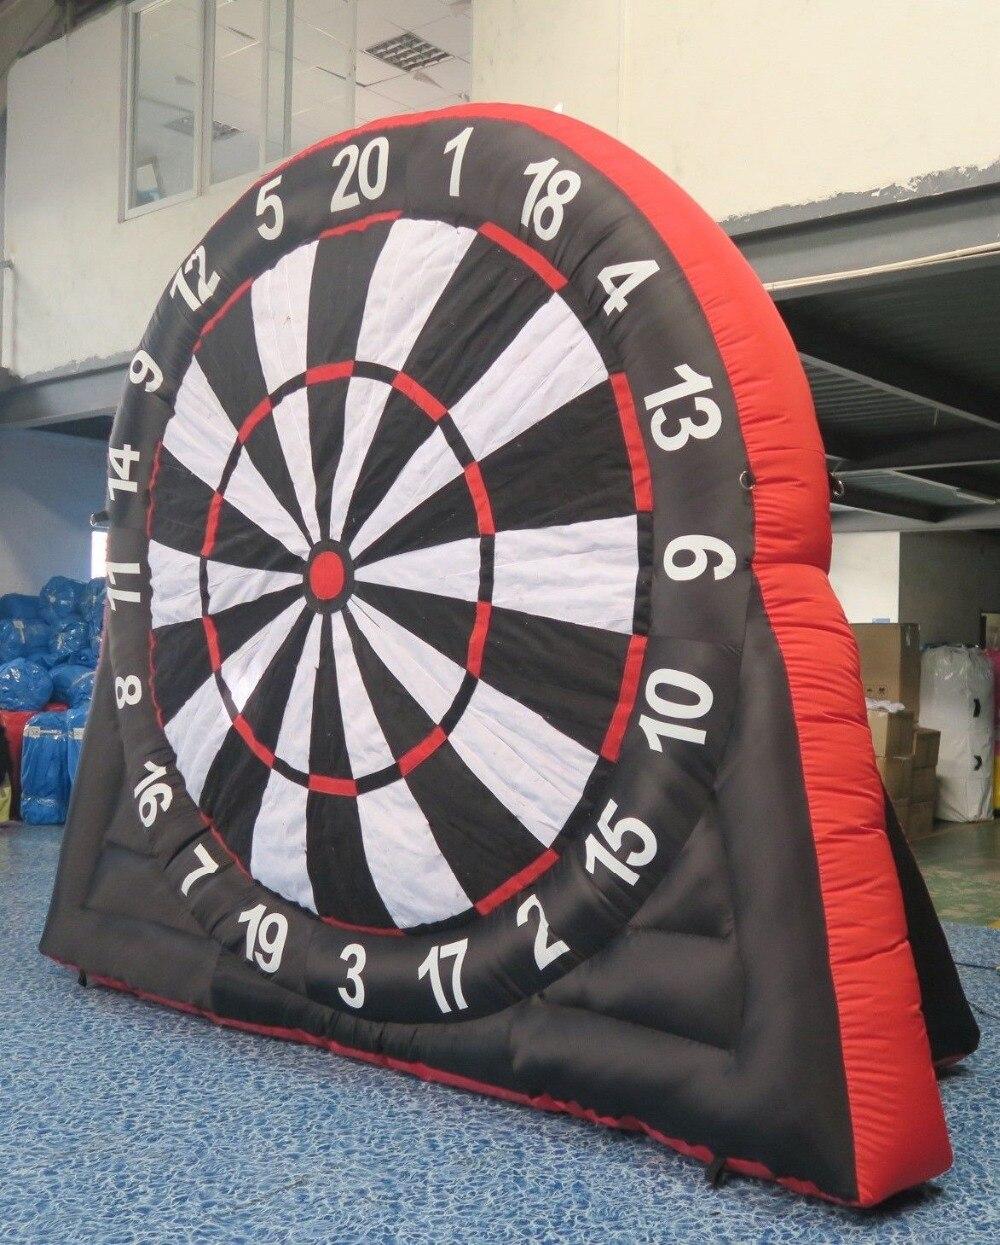 Livraison gratuite, fléchettes gonflables de haute qualité 4 m, jeu de fléchettes, jeu de fléchettes de football gonflable géant